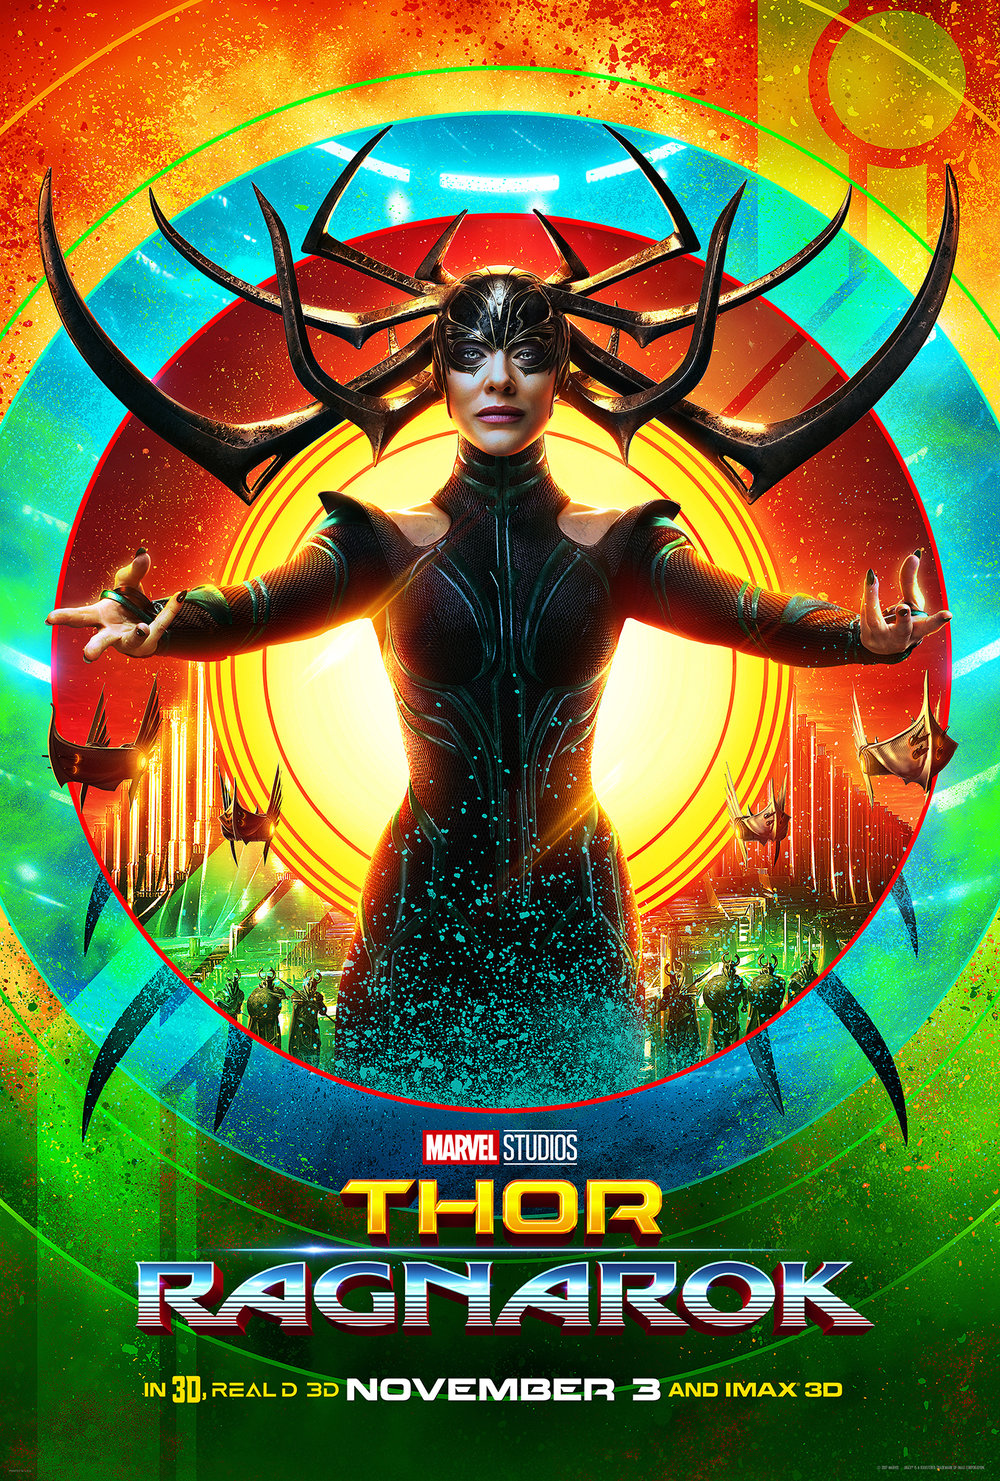 Thor_Swirl_1-Sht_Hela_v1.jpg